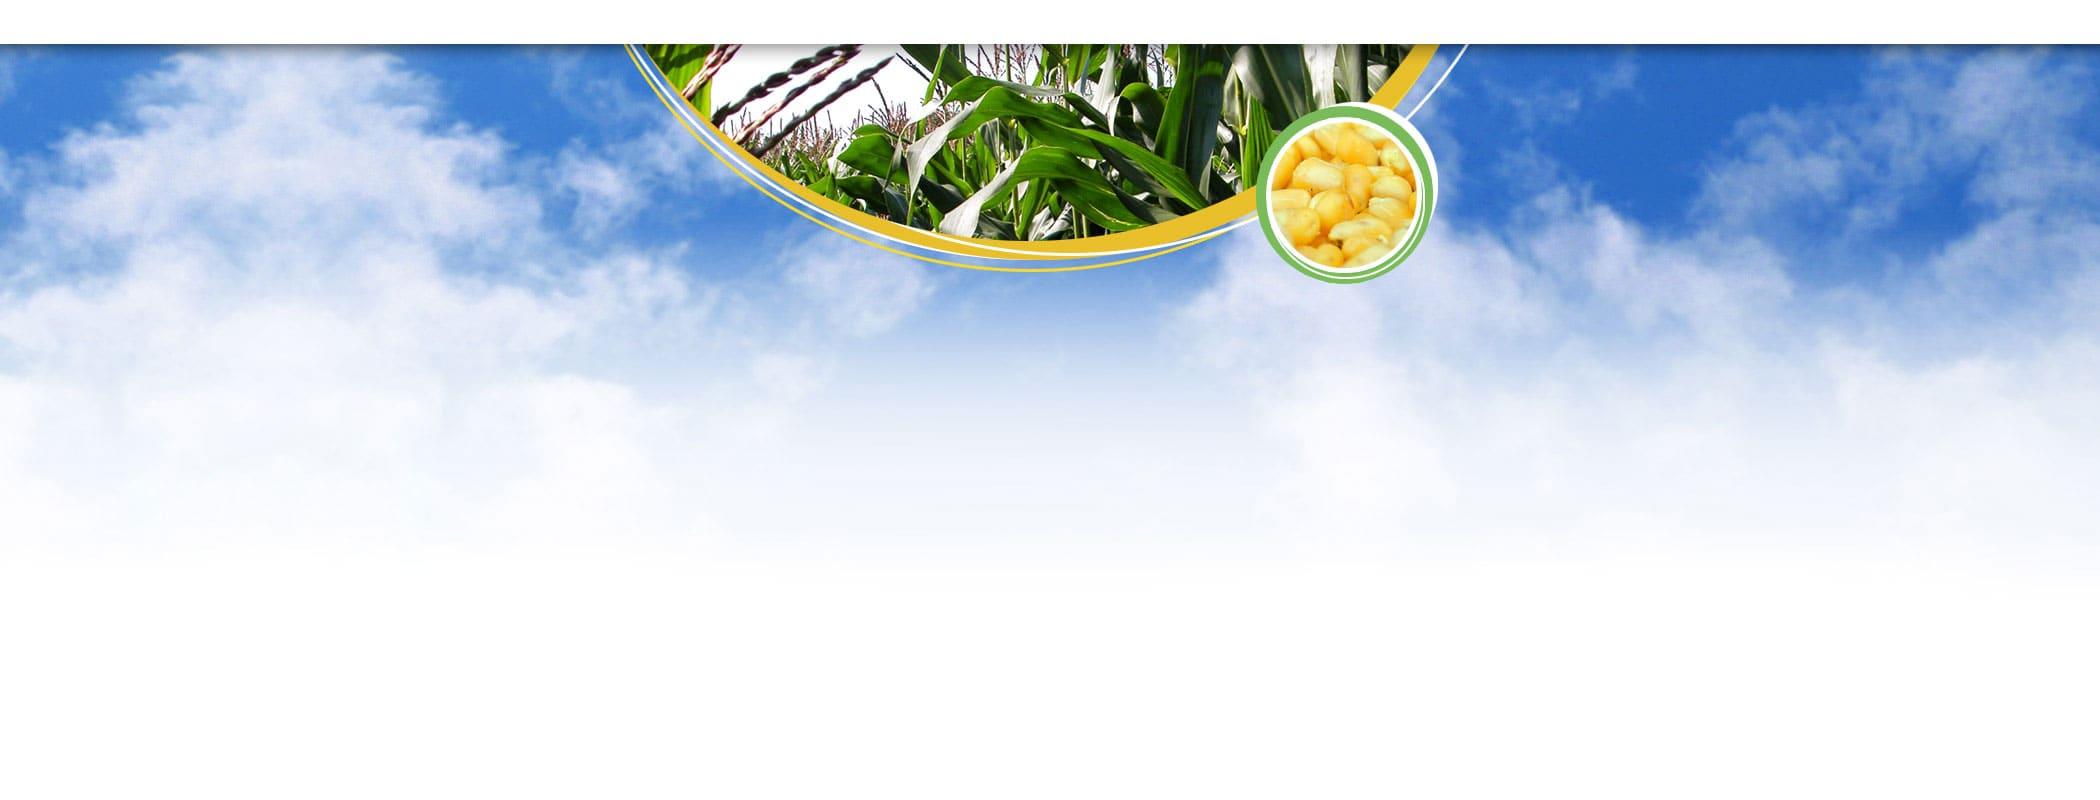 banner kukurydza